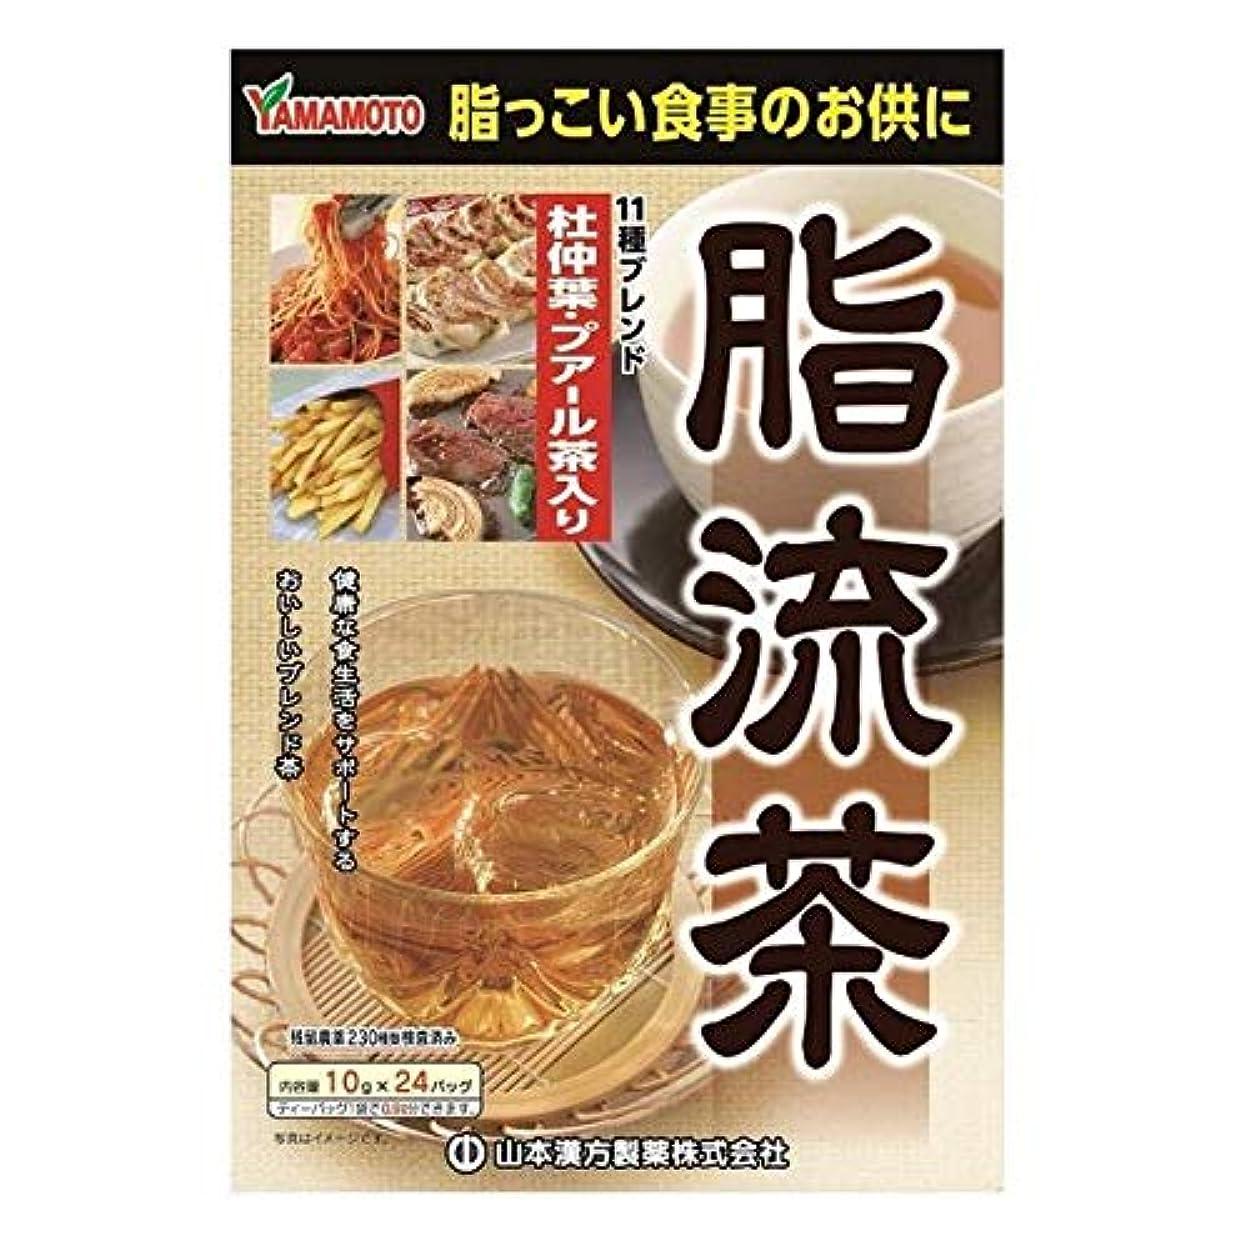 シュリンクスケジュールシュリンク【5個セット】山本漢方製薬 脂流茶 10gX24H ×5個セット